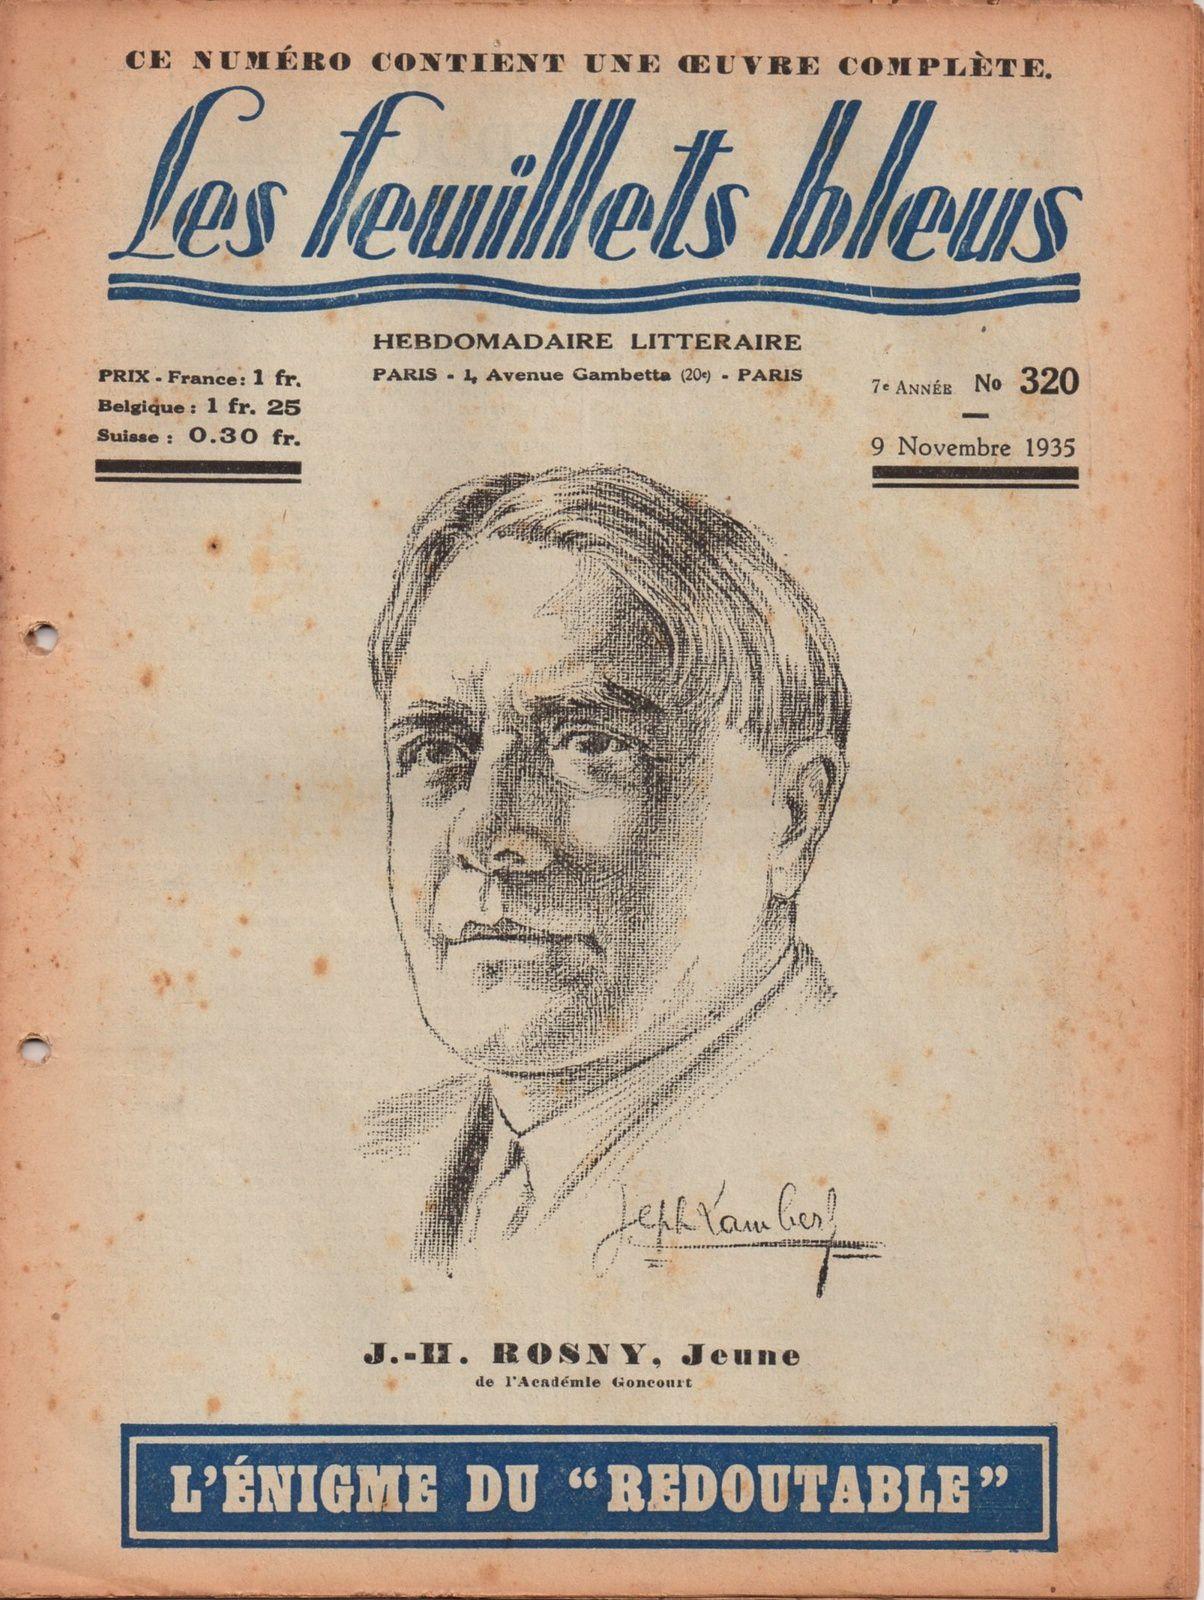 """J.-H. Rosny Jeune """"L'Enigme du « Redoutable »"""" in Les Feuillets bleus n°320, du 9 novembre 1935"""